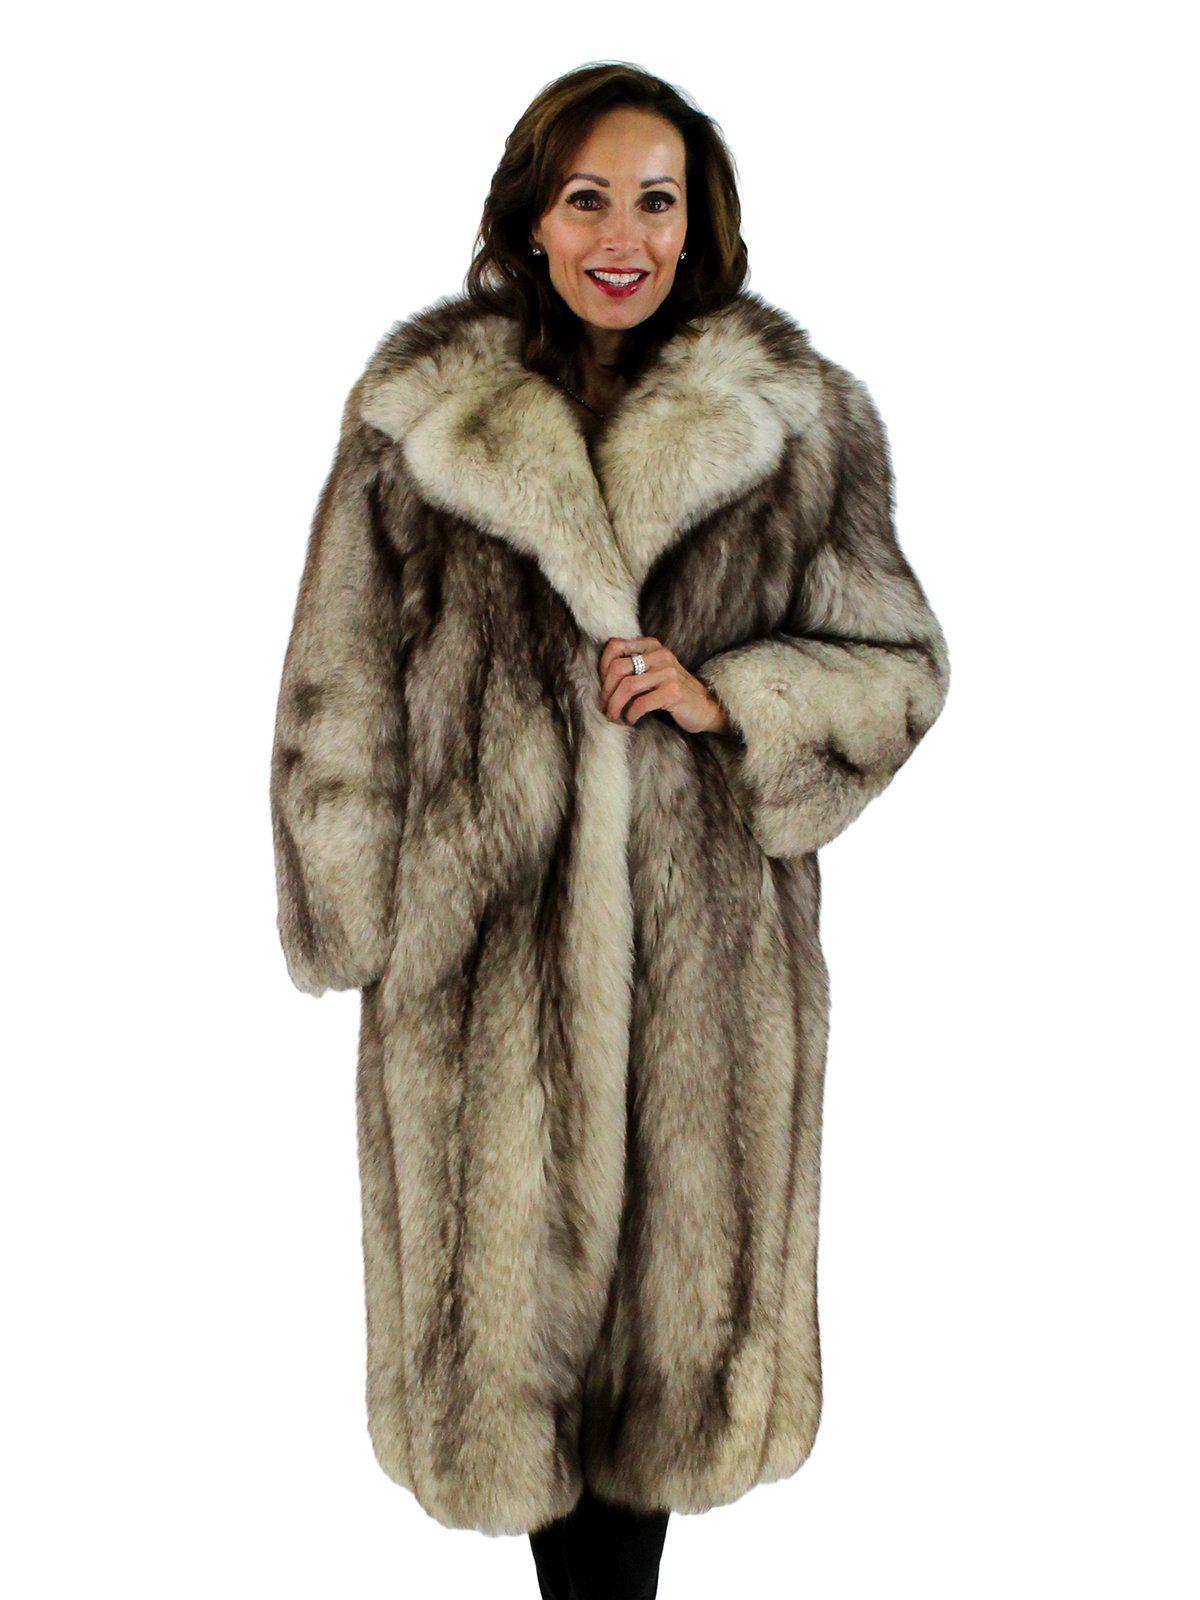 78837d4f6af CrossFox Fur Coat - Women s Medium - Excellent